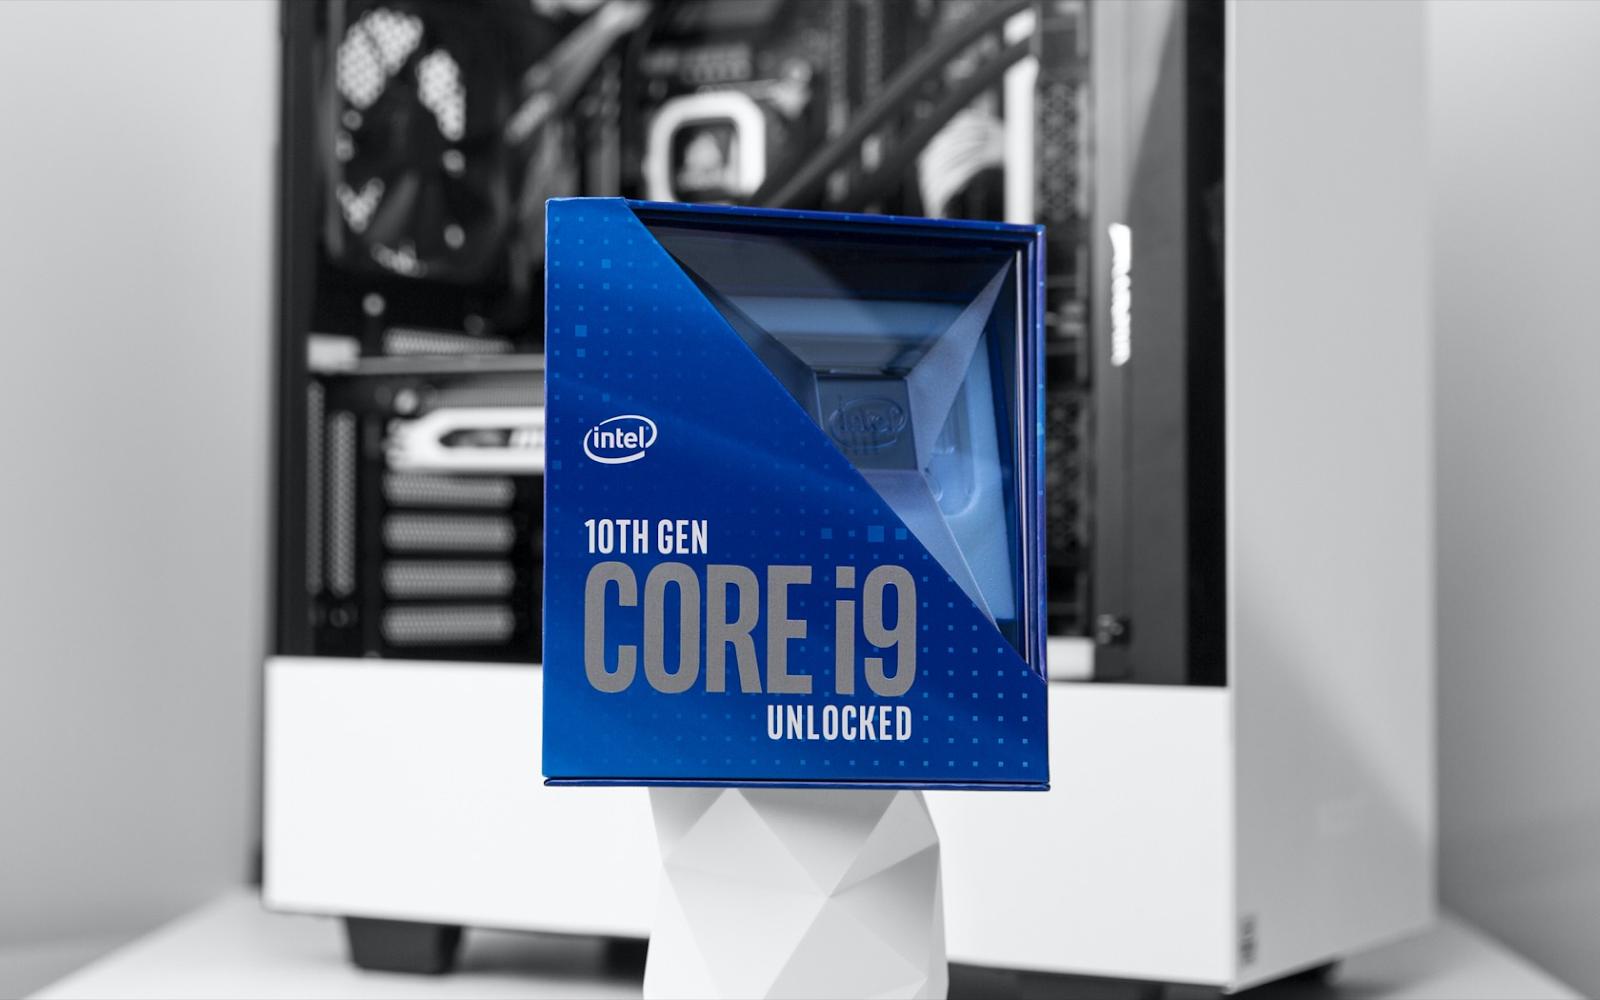 Intel Klaim Core i9-10900K Prosesor Gaming Generasi 10 Tercepat di Dunia